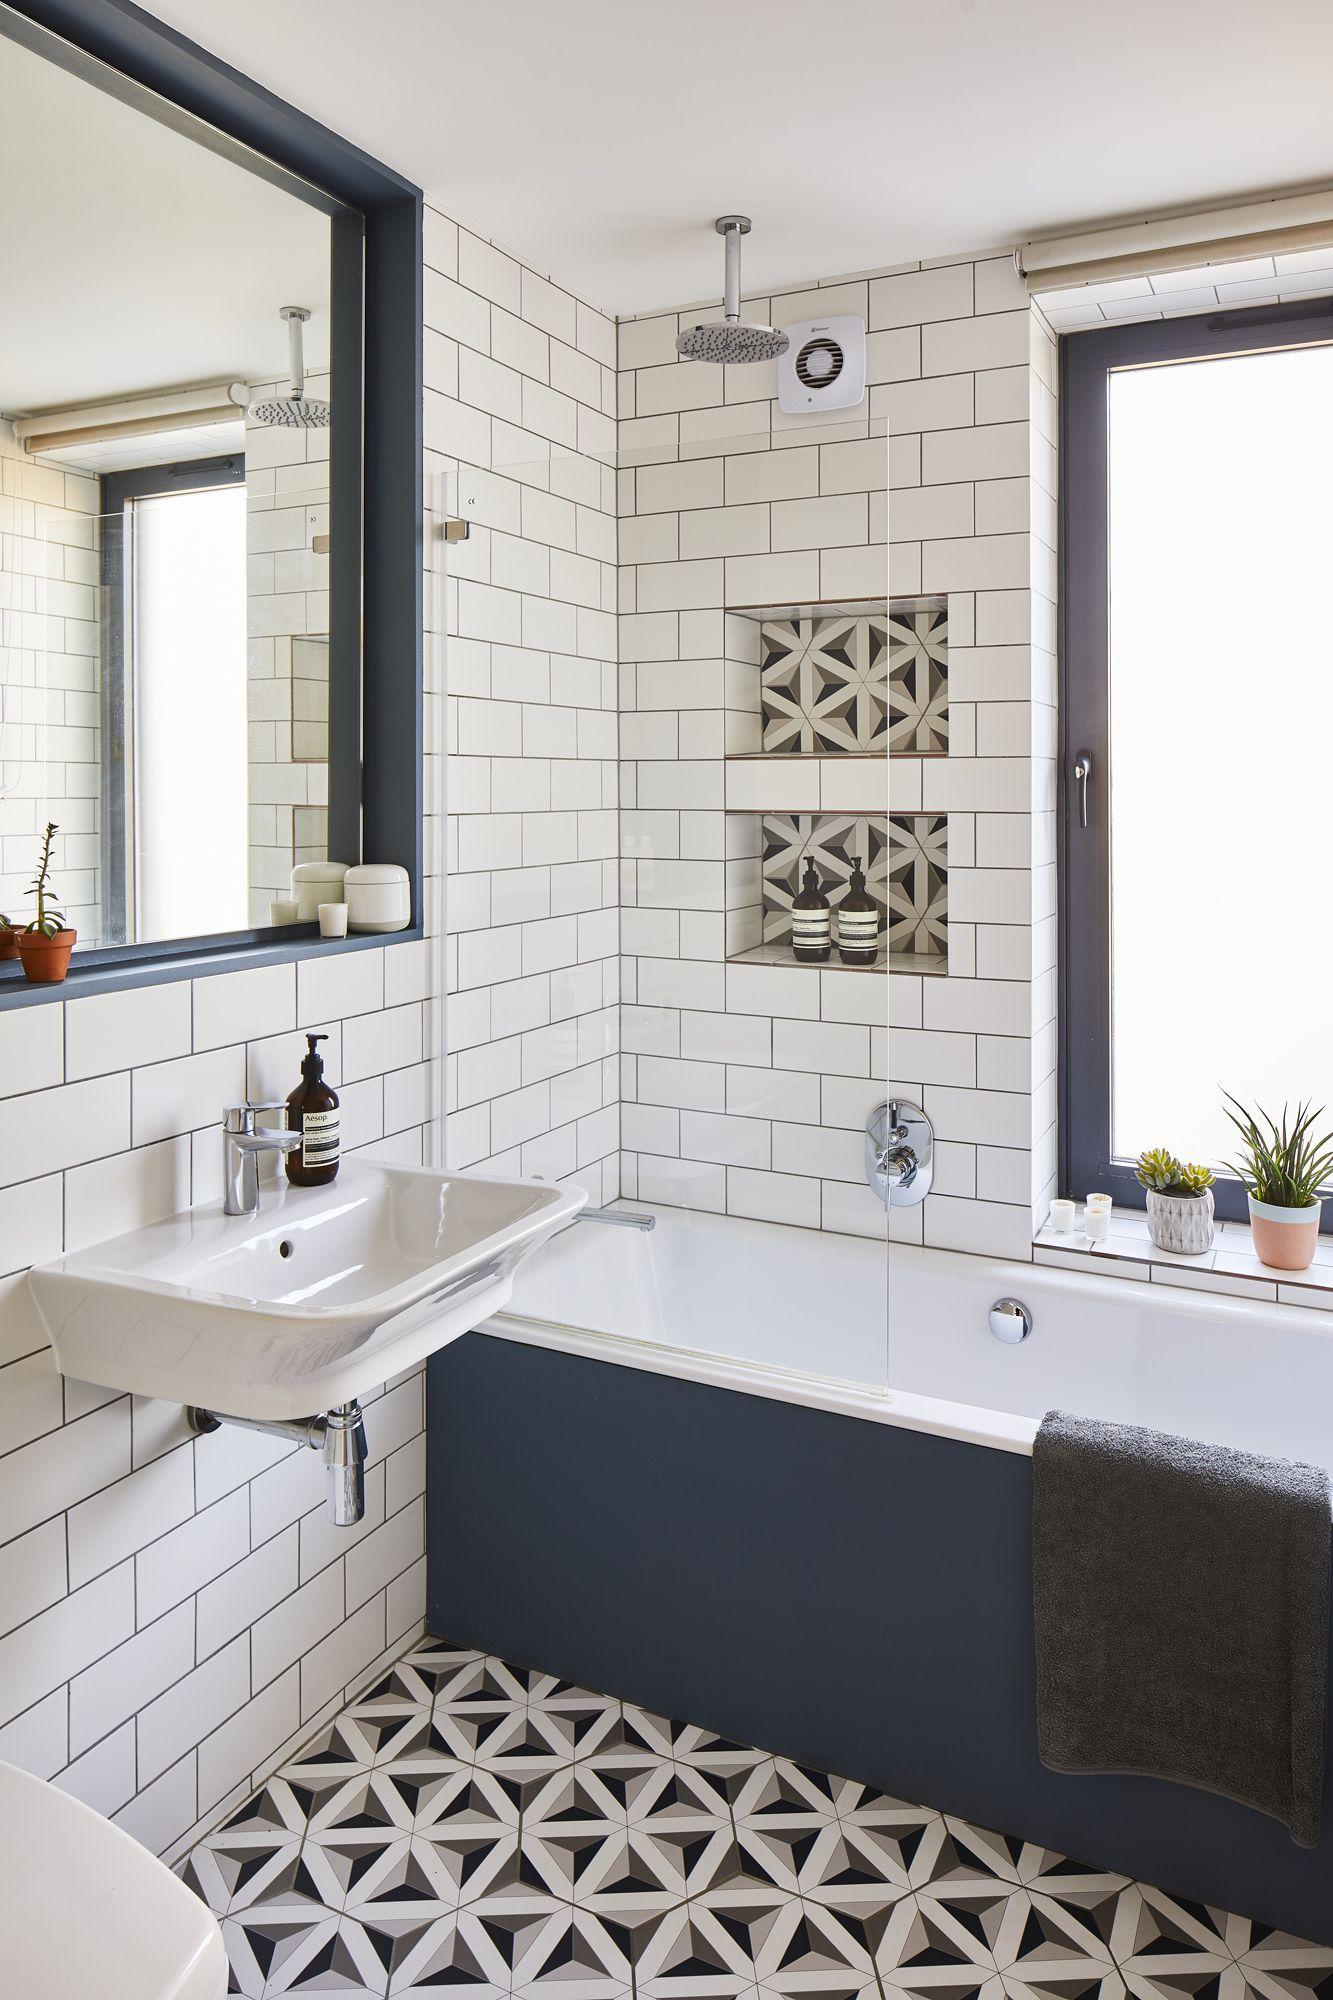 Cheap bathroom ideas: 9 budget-friendly ways to create a stylish ...